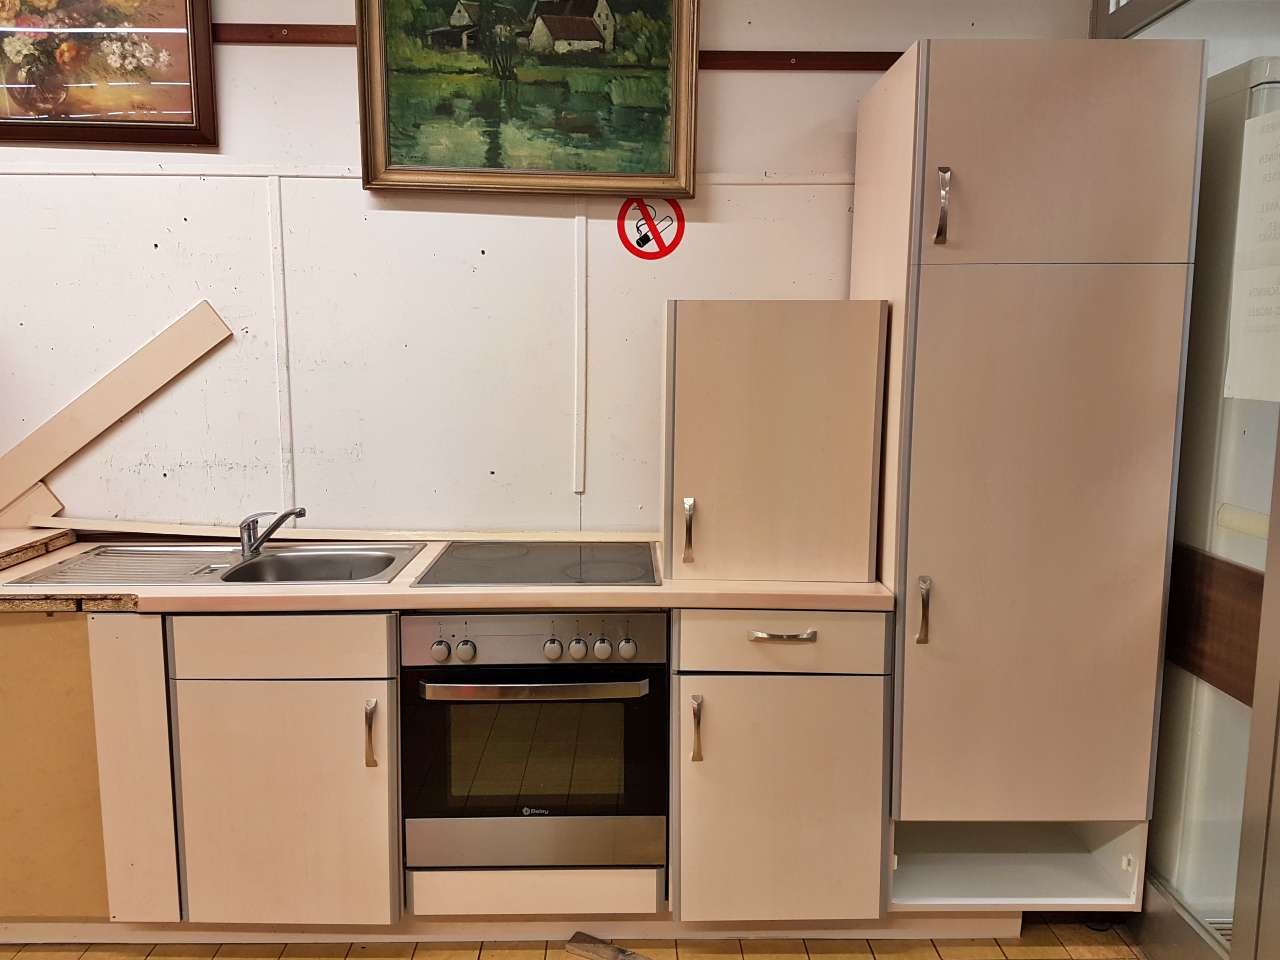 Möbel Einbauküche Holzdekor hell